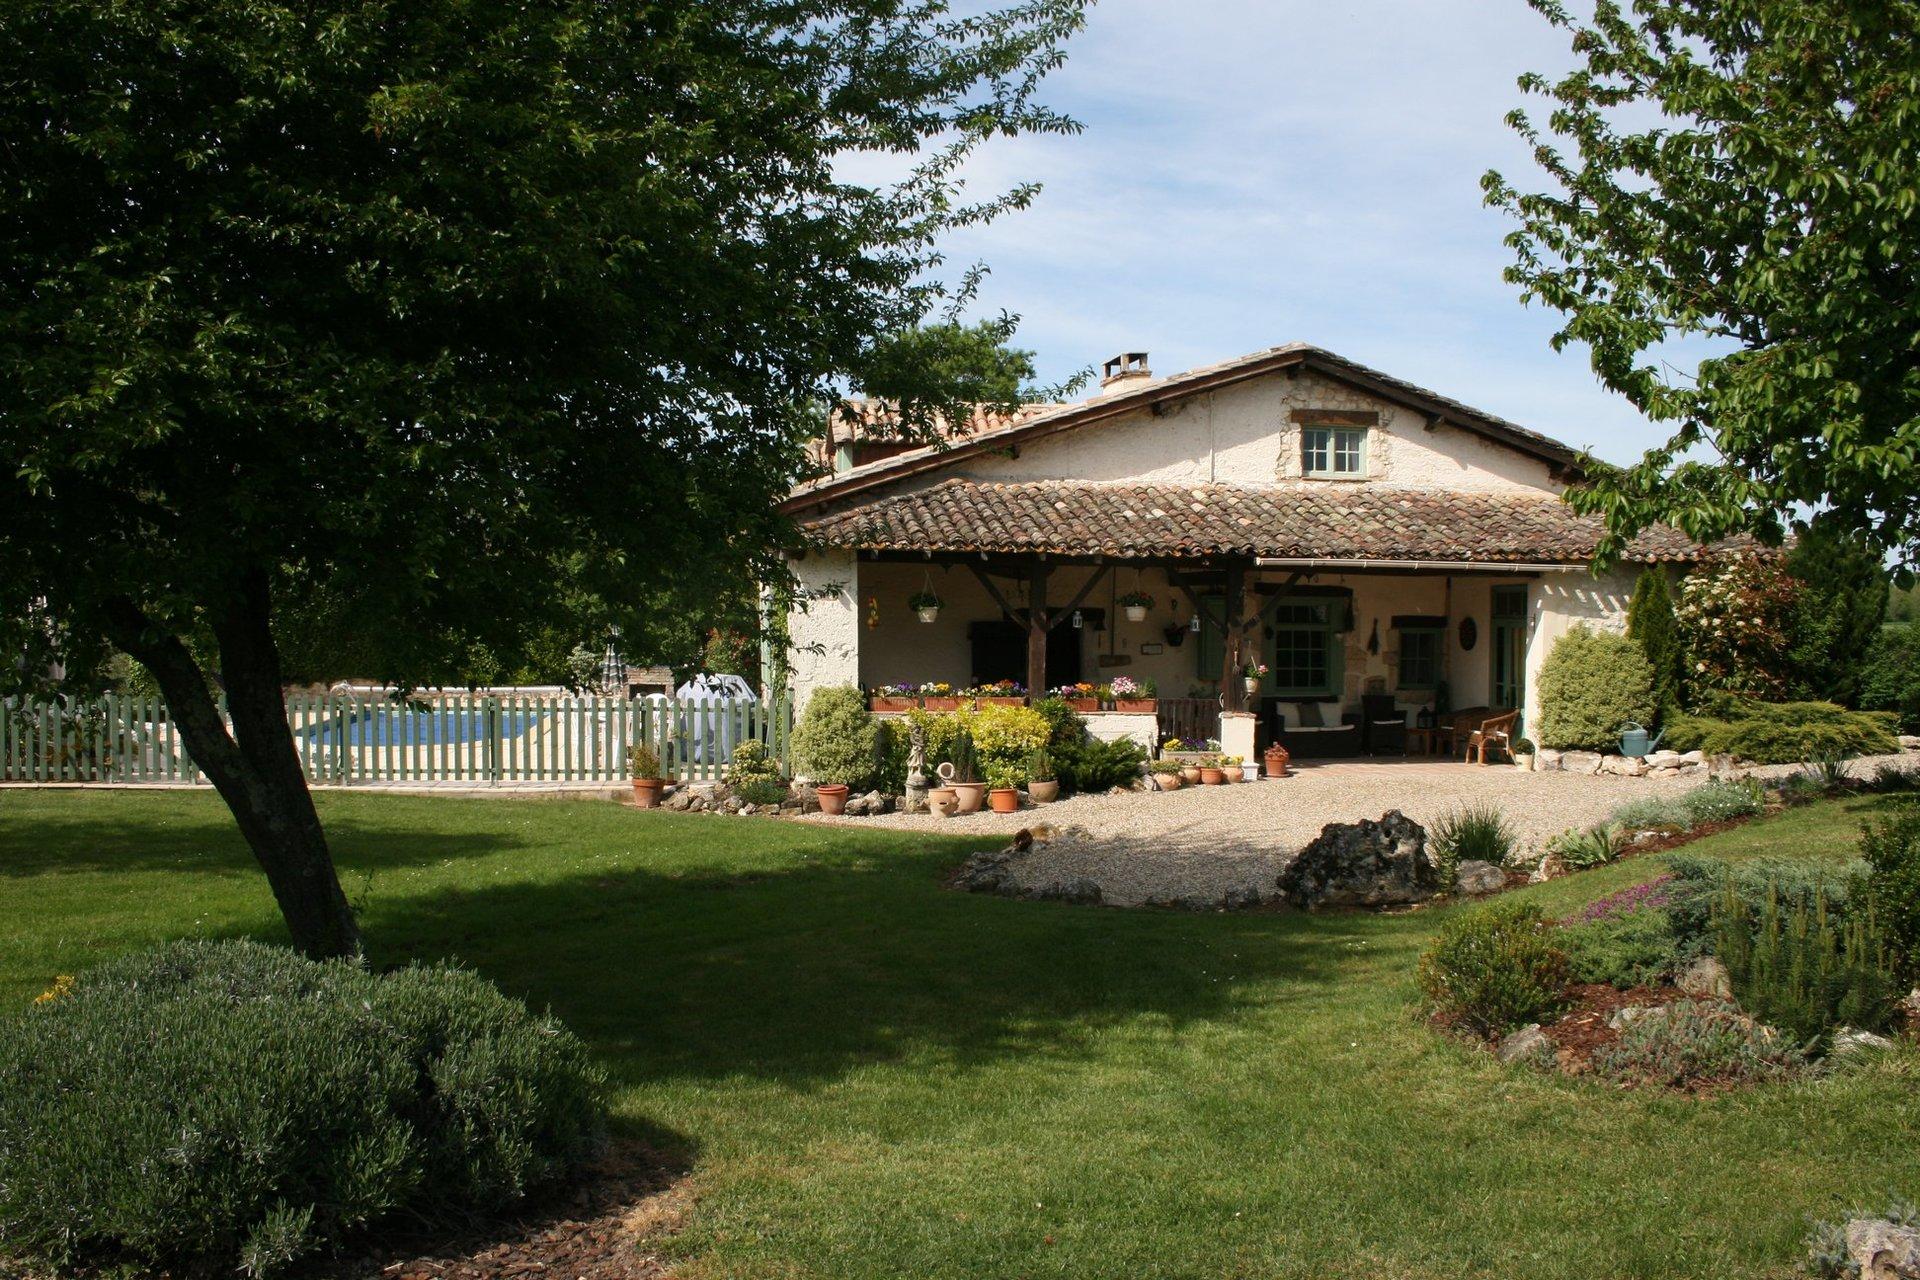 Maison pierre avec 2 gites, piscine, jardin fleuri proche ville tous commerces